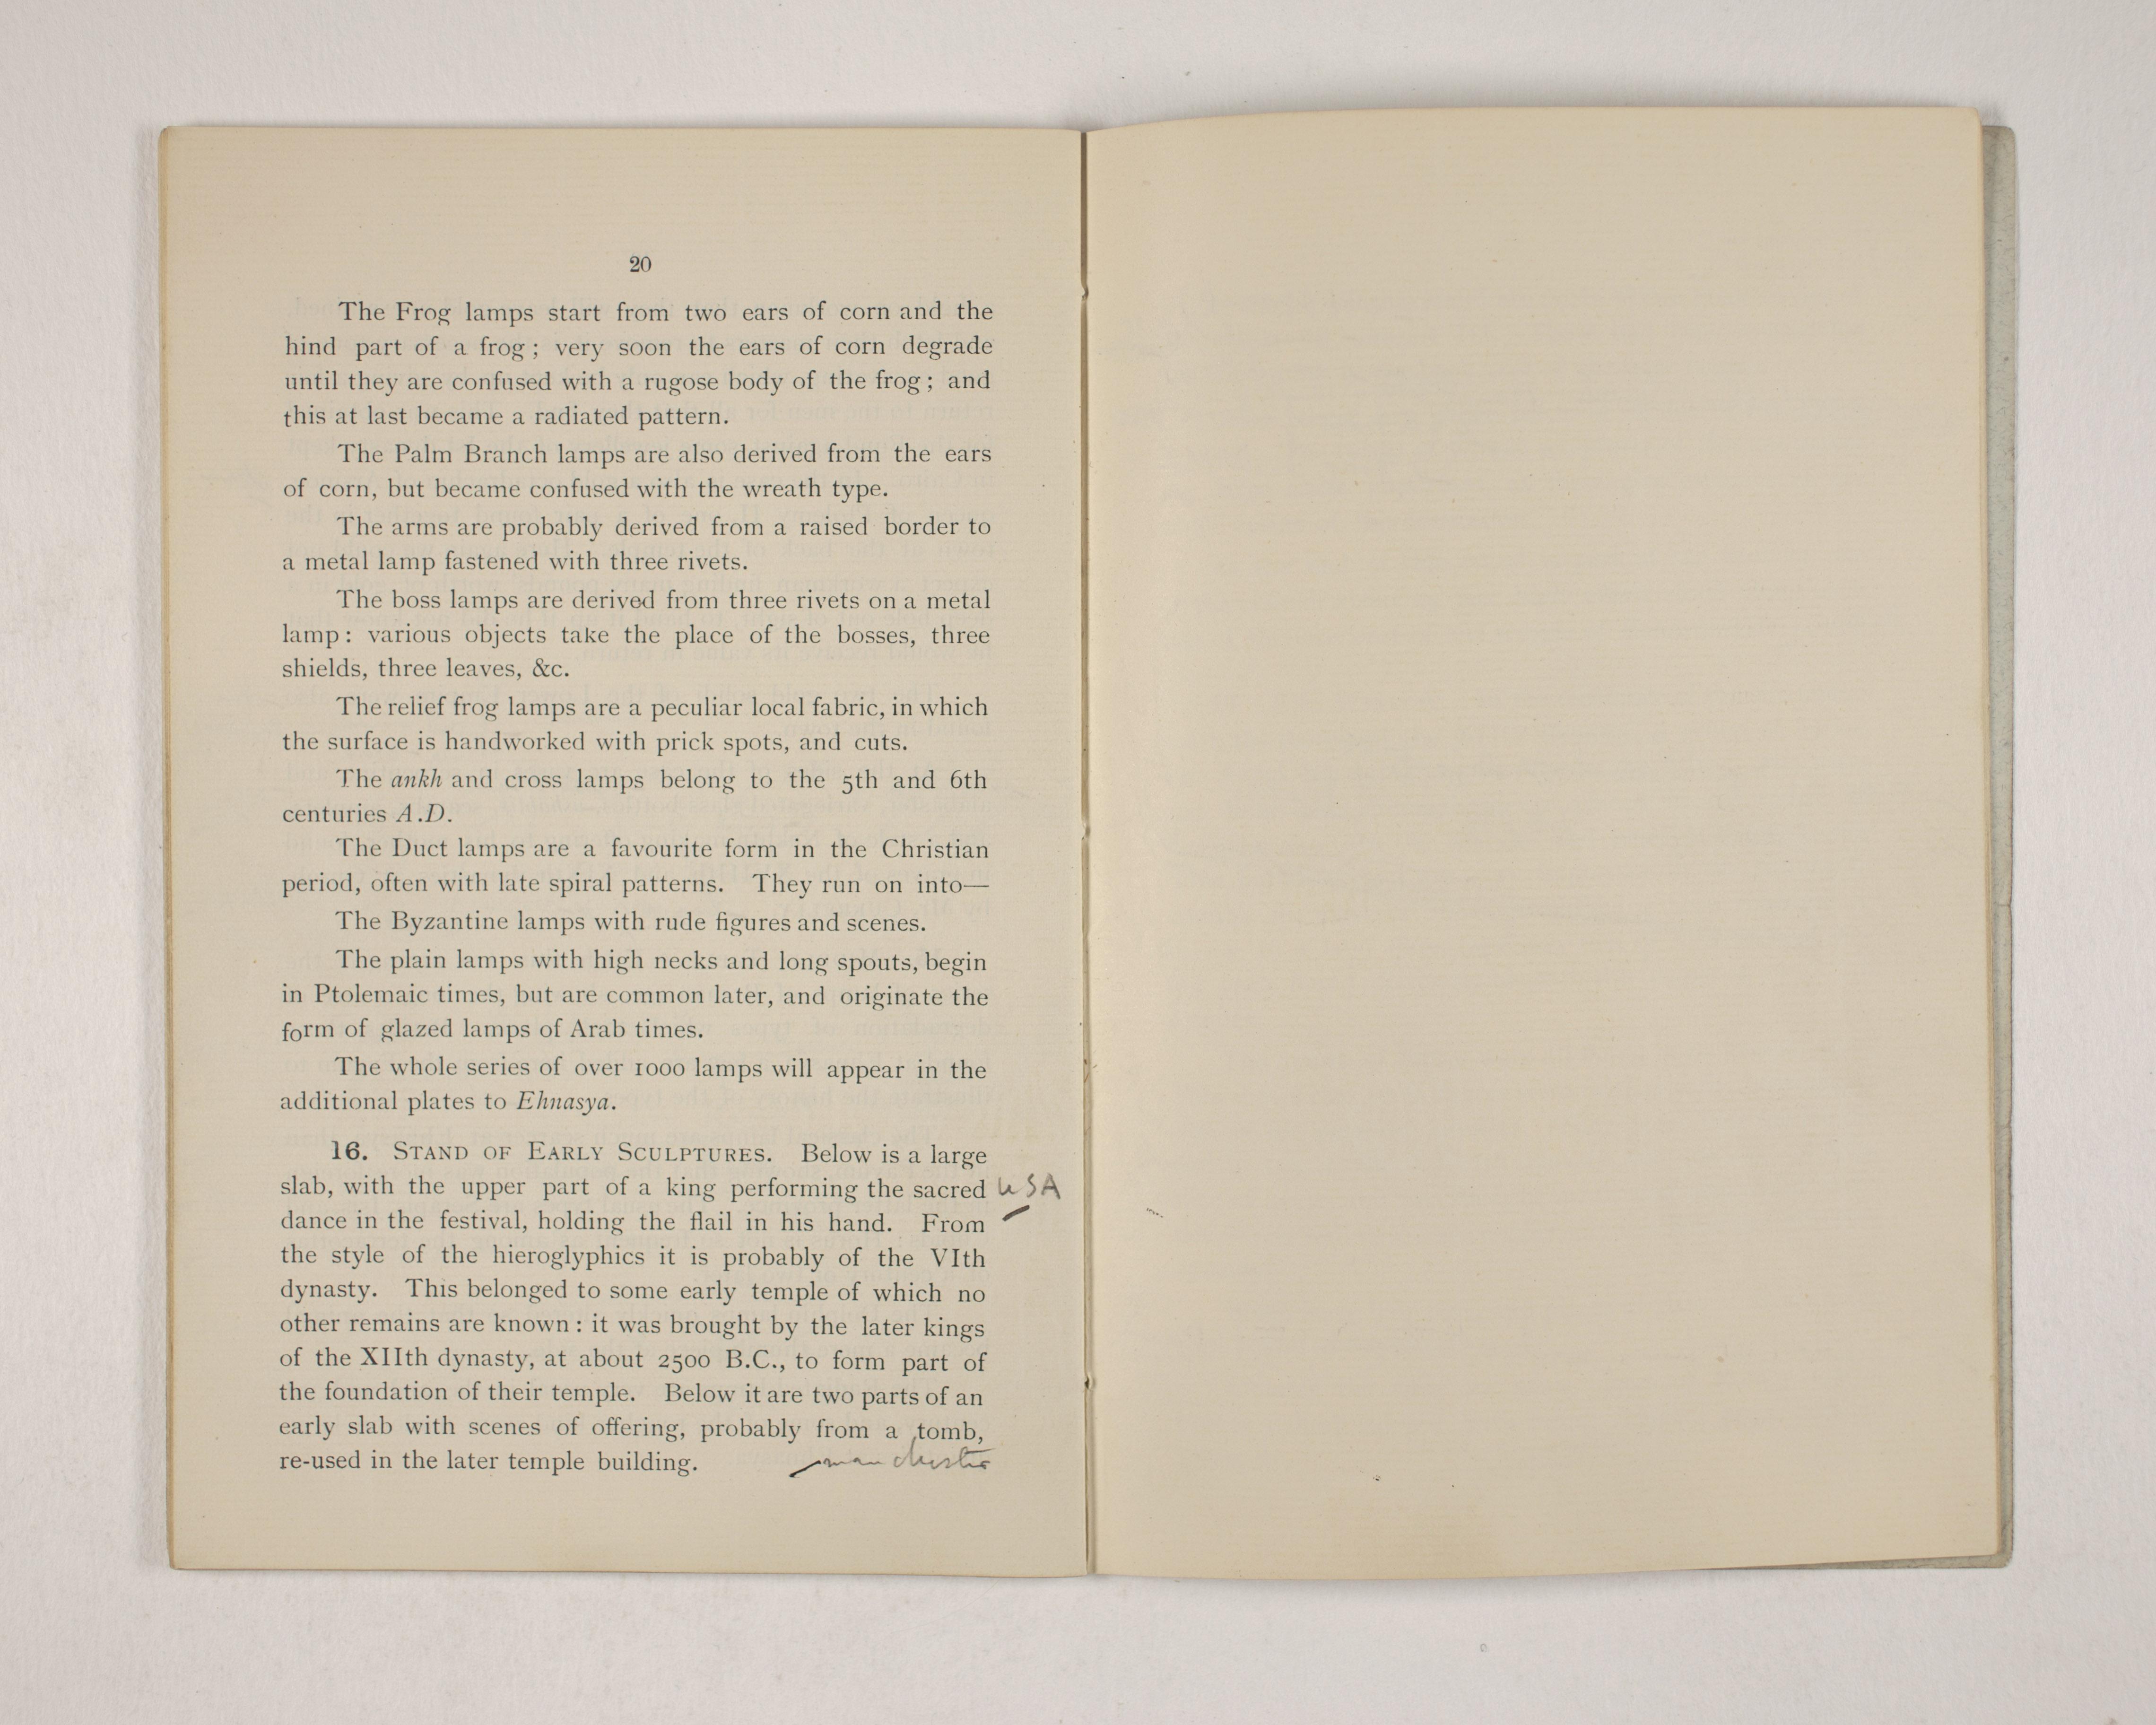 1903-04 Abydos, Ihnasya, Tell el-Fara'in, Saqqara, Gurob, Deir el-Bahri, Oxyrhynchus Exhibition Catalogue PMA/WFP1/D/12/12.22